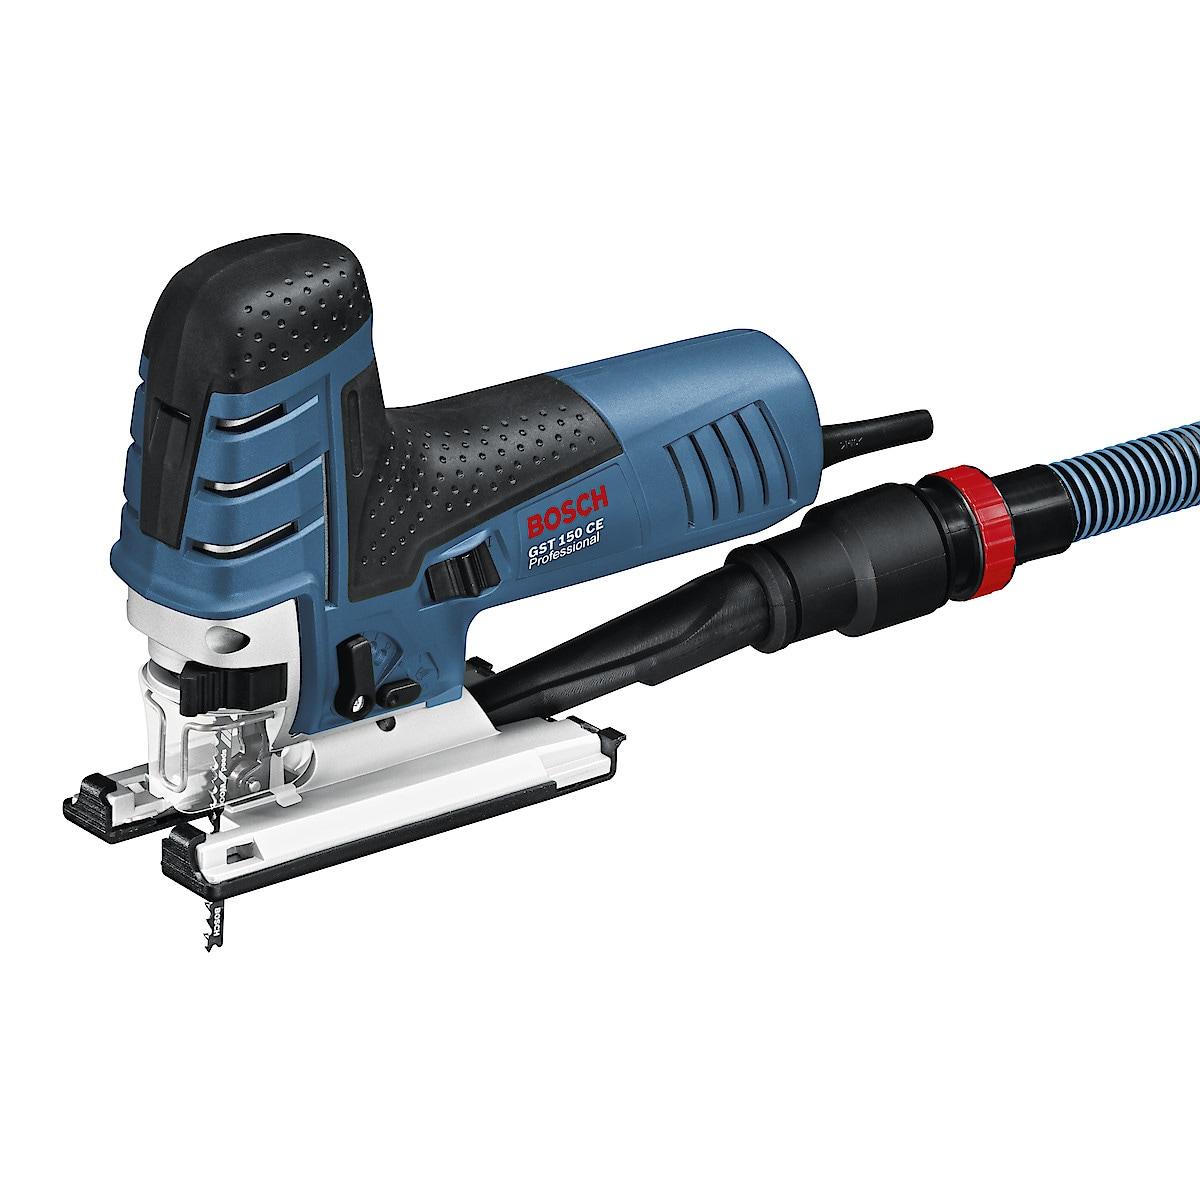 Sticksåg Bosch GST 150 CE Professional